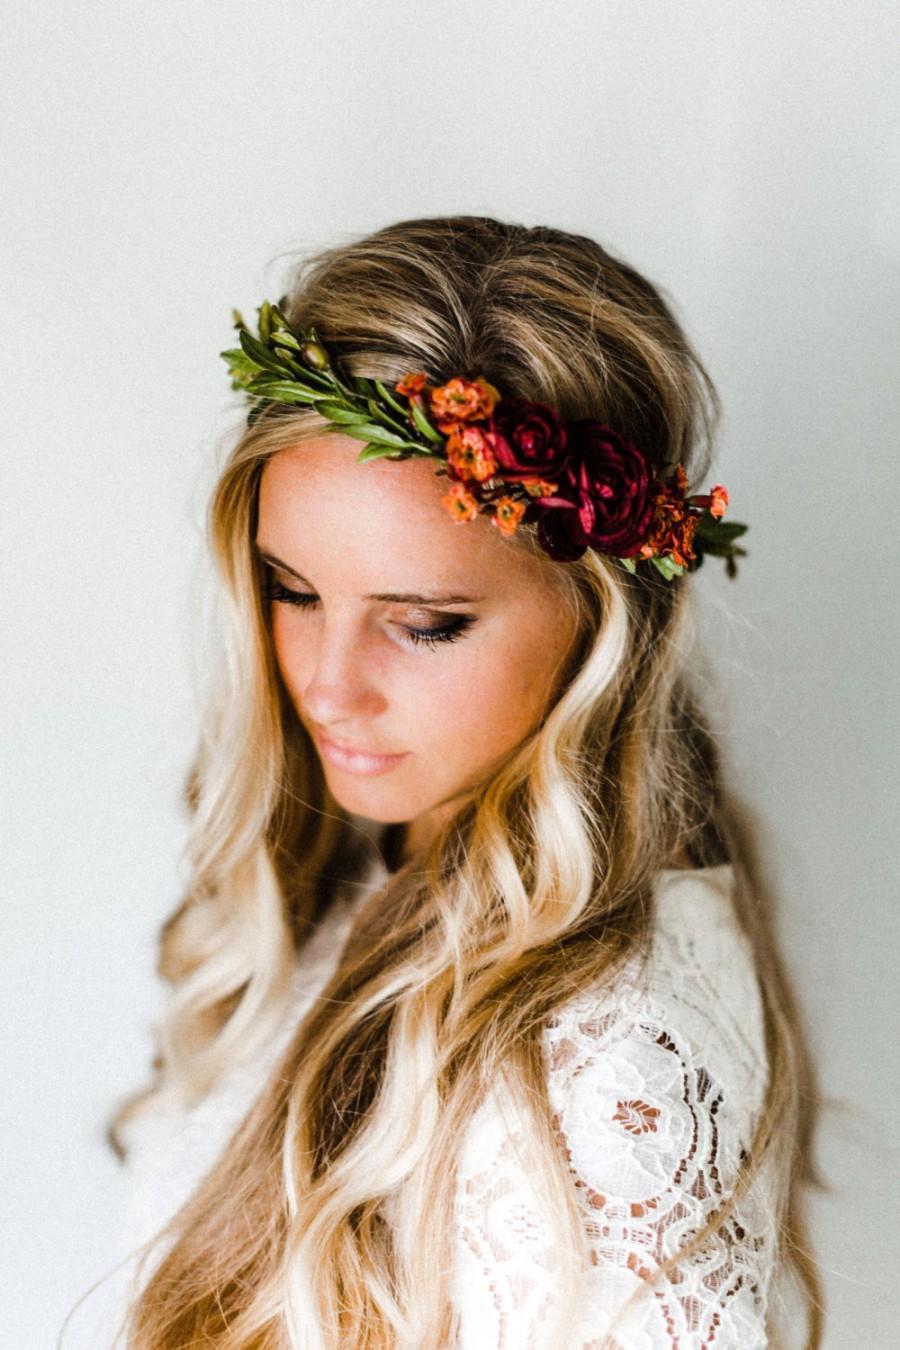 Hair Rustic Fall Flower Crown 2572245 Weddbook